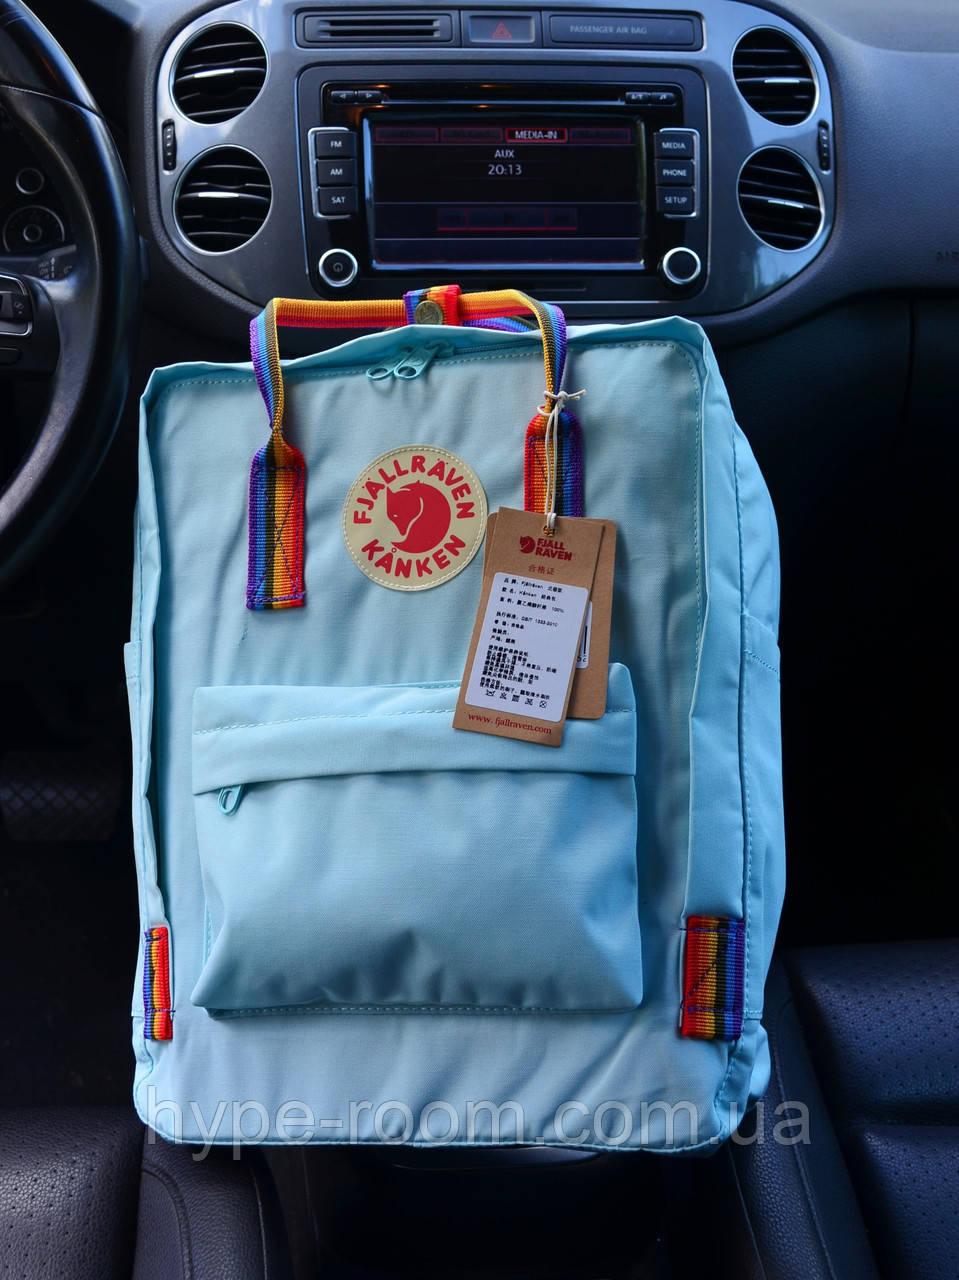 Рюкзак Kanken Classic turquoise rainbow 16 літрів портфель канкен класік